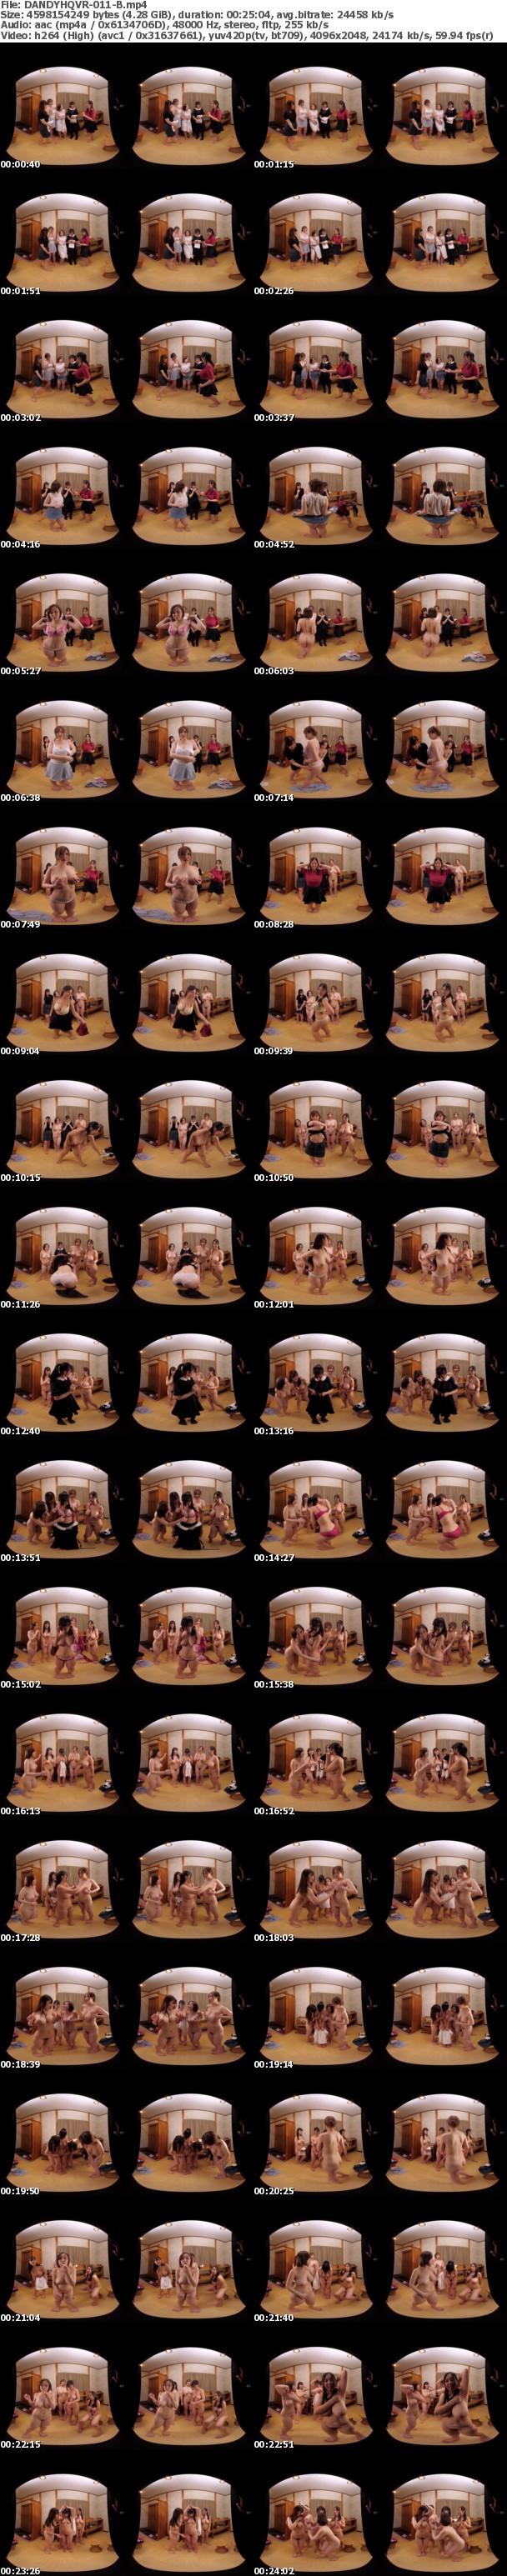 (VR) DANDYHQVR-011 僕んちの温泉宿に巨乳AV女優の田中ねねと彼女の爆乳友達4人がご宿泊!?大ファンの僕は我慢できずに入浴中の裸を覗いていたらバレてしまい…5人のボイン女子大生とまさかの連続生中出しSP